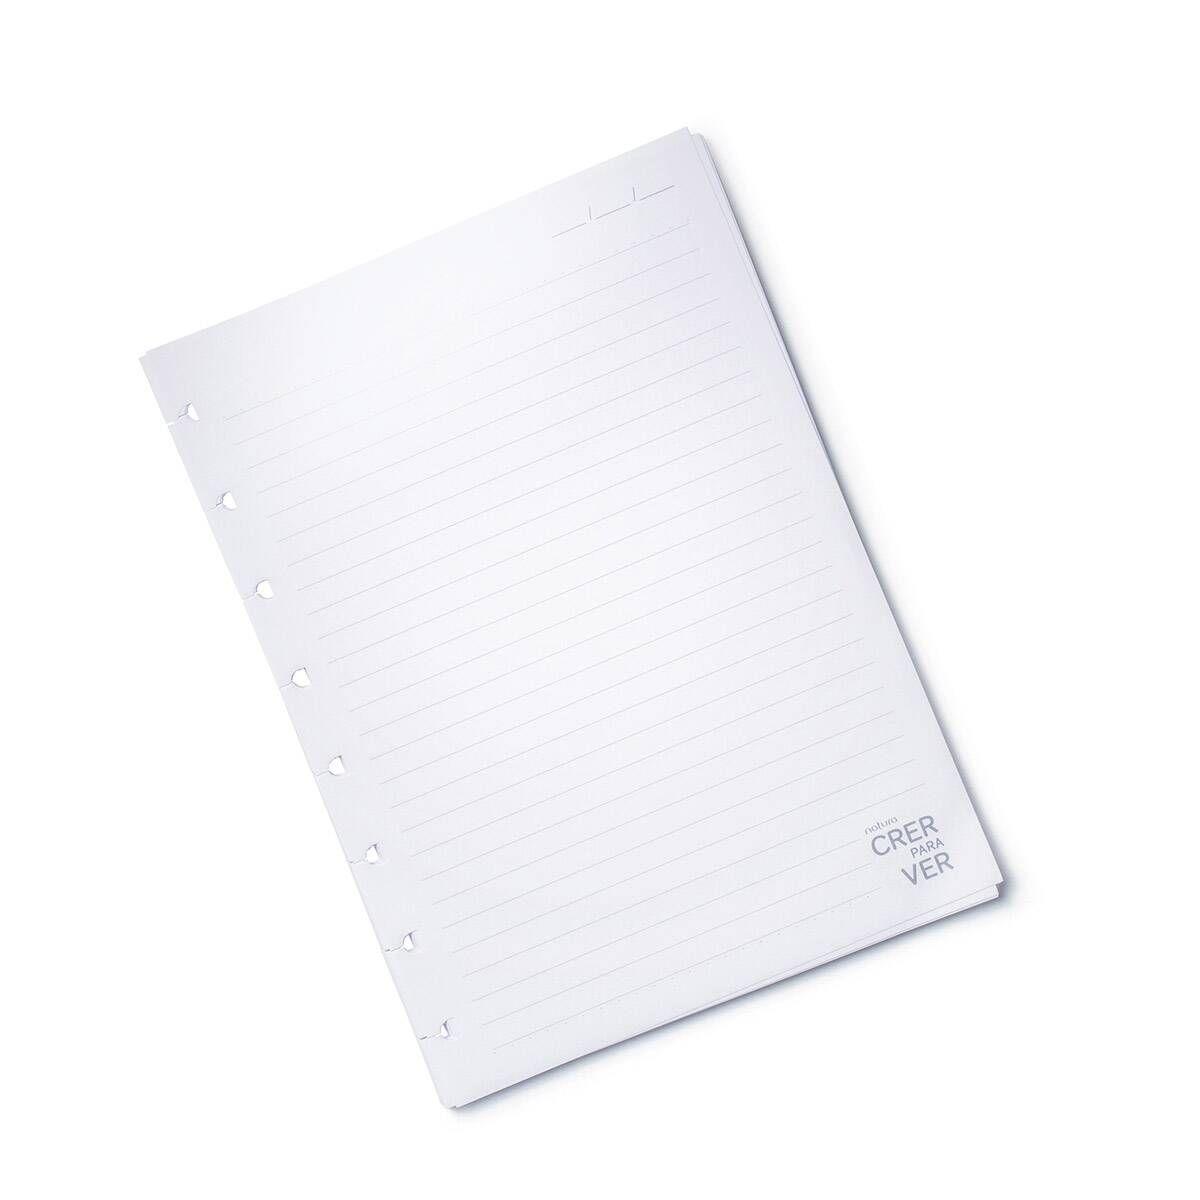 O Refil Do Caderno Crer Para Ver Permite Que Voce Tenha Um Caderno